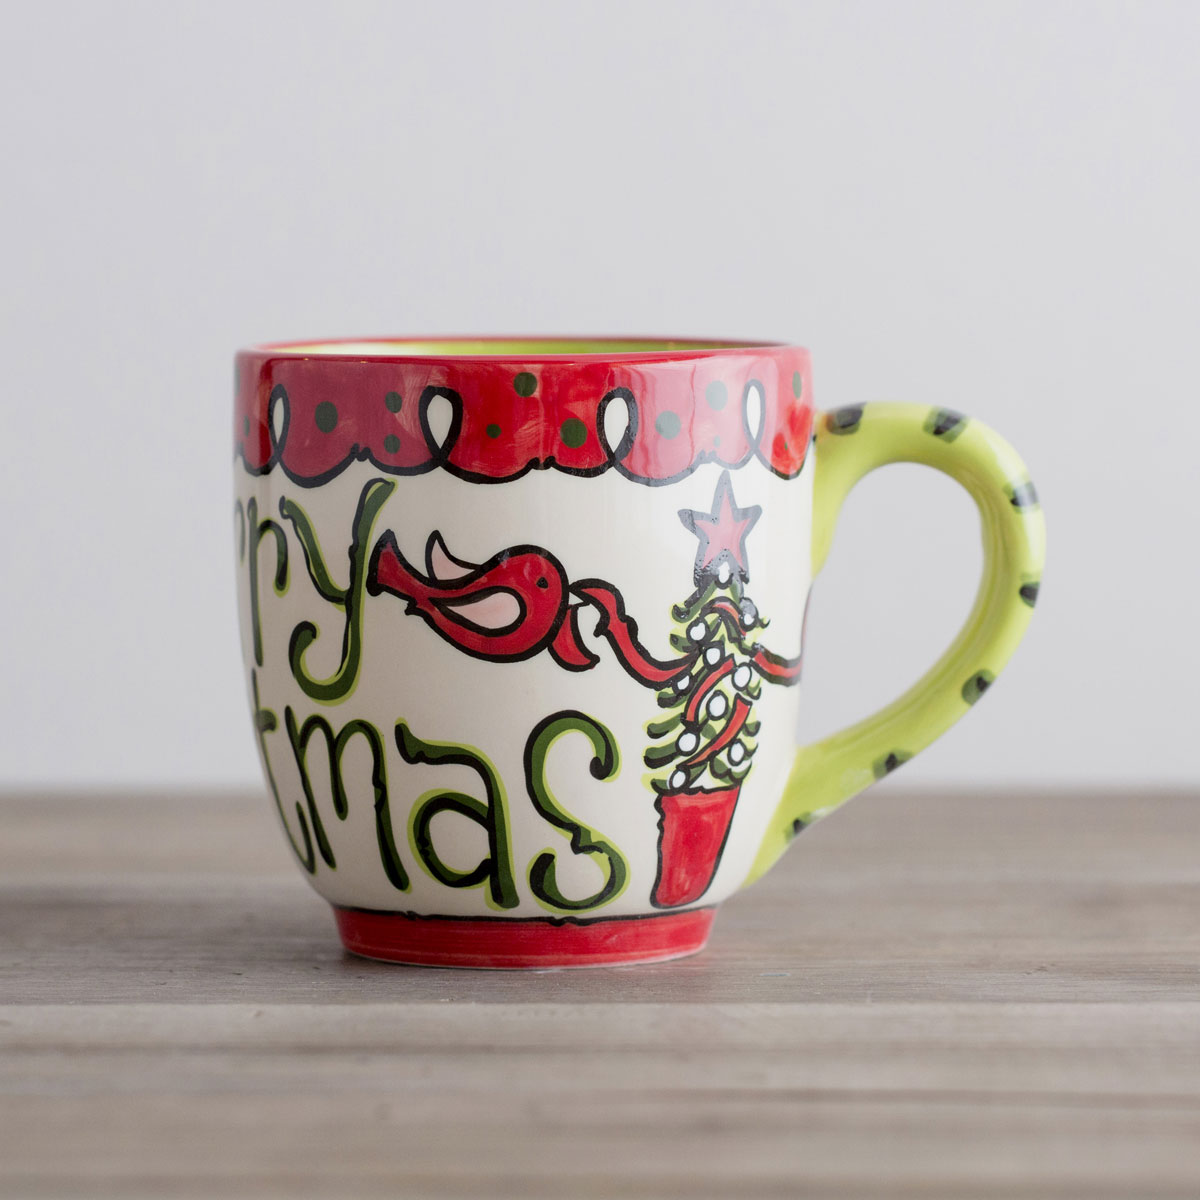 Merry Christmas - Christmas Jumbo Mug